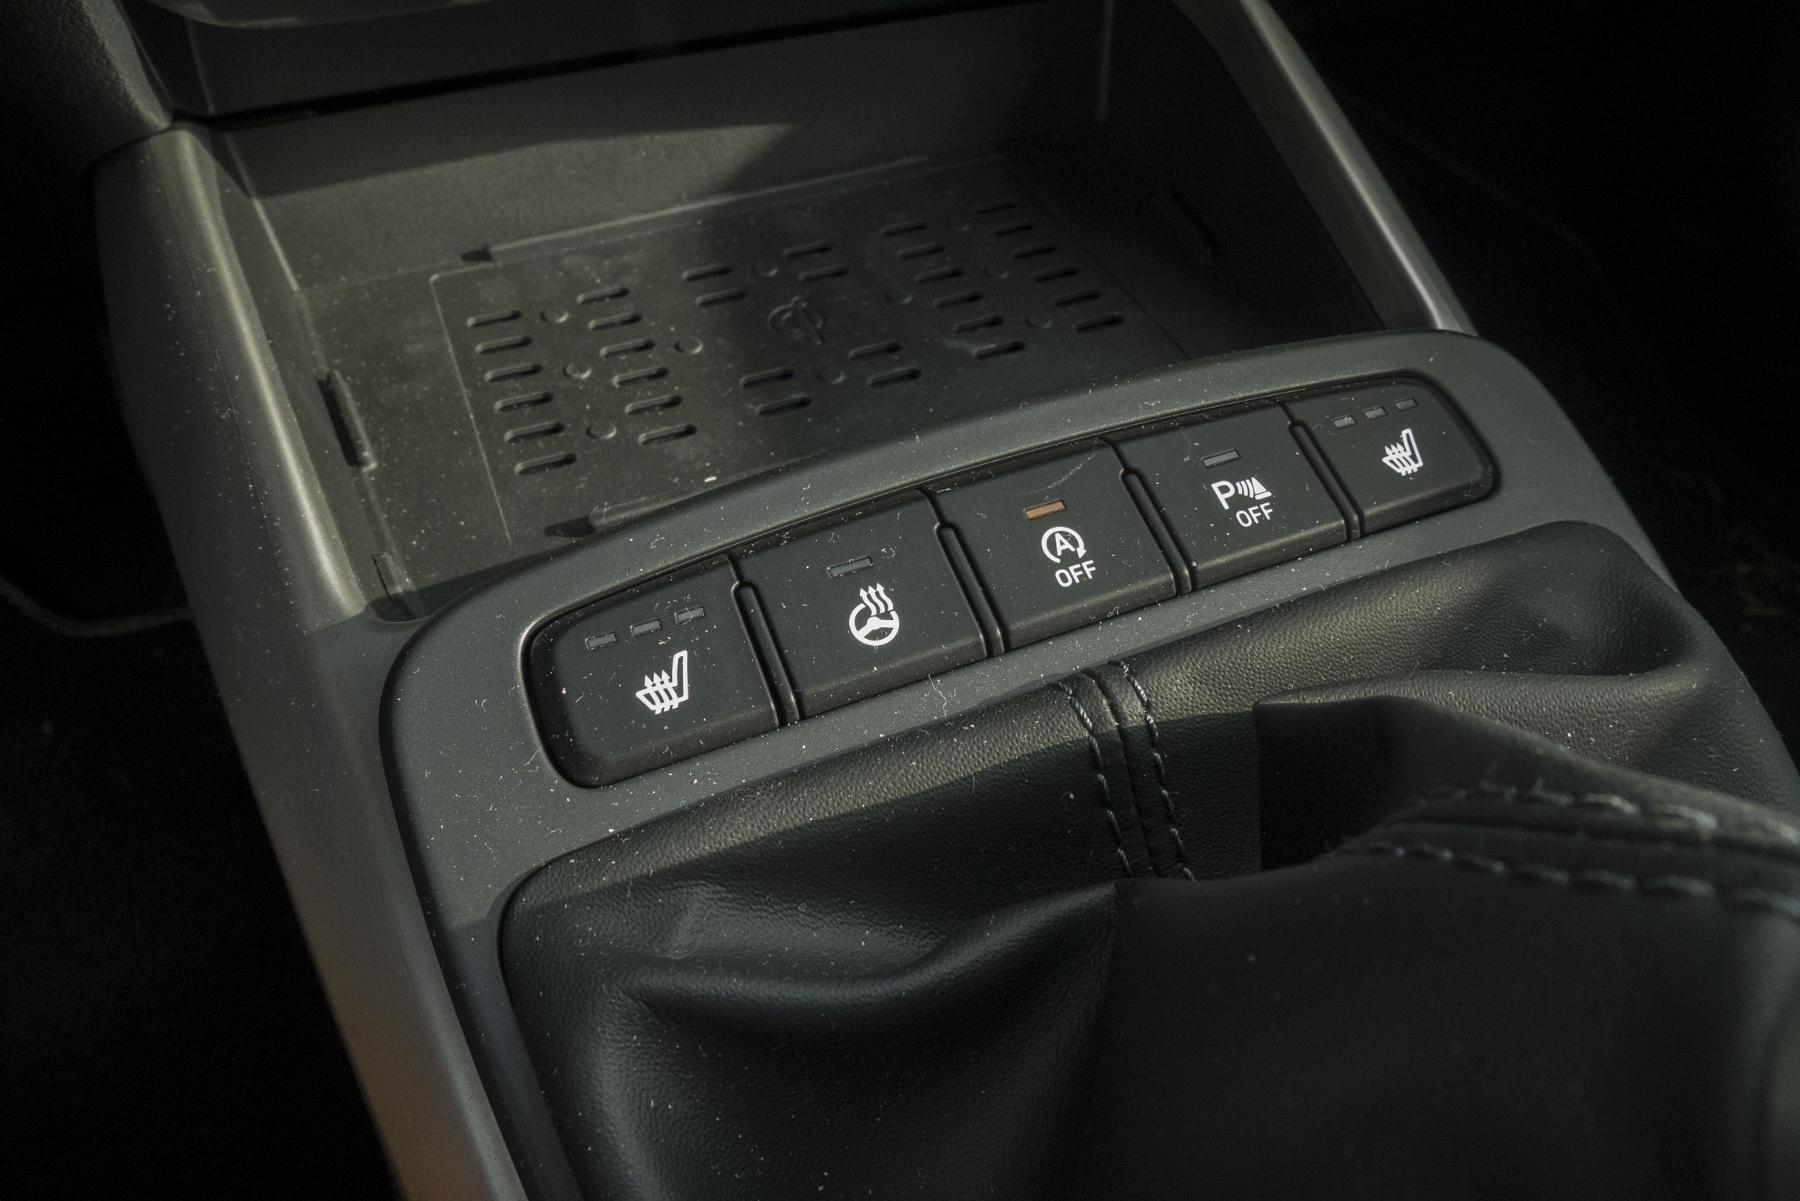 Test: Hyundai i10 je zameraný do mesta. Zo škatuľky vytŕča podvozkom Y4NH1k4zzm hyundai-i10-17